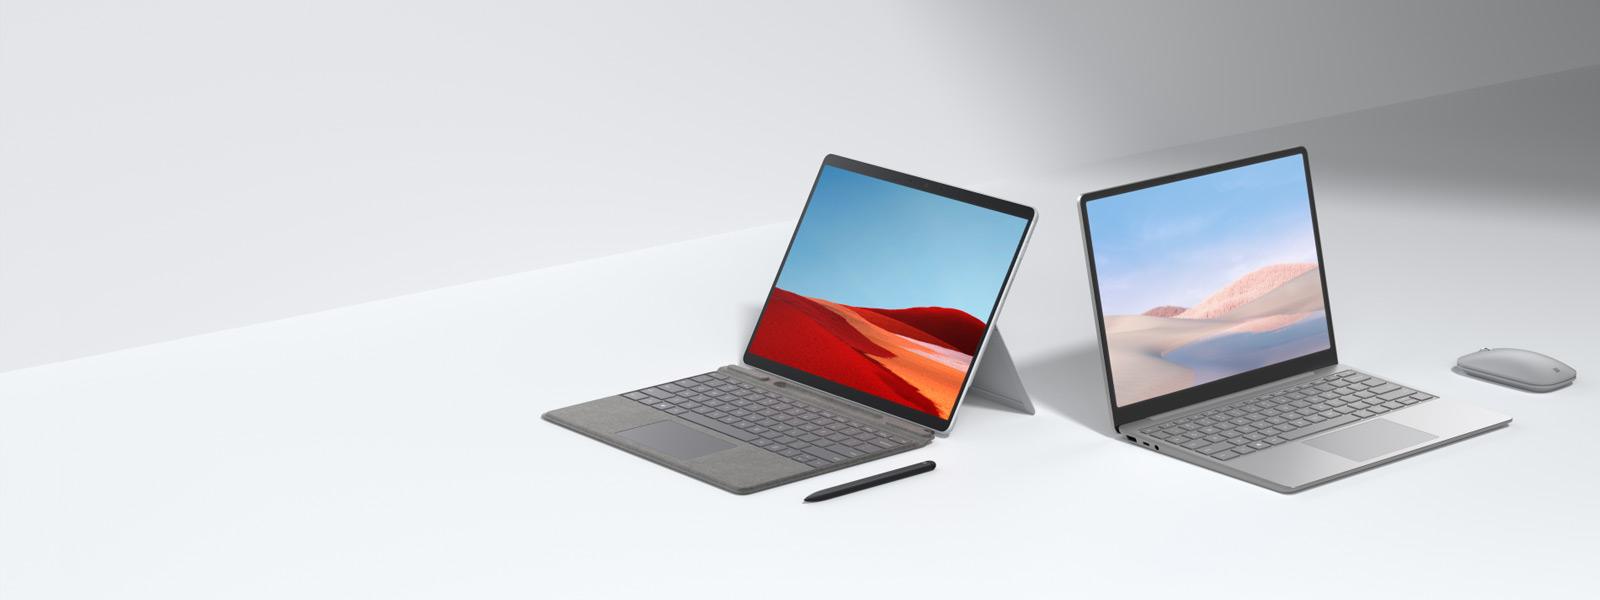 Windows 10 搭載ノート PC のコレクション